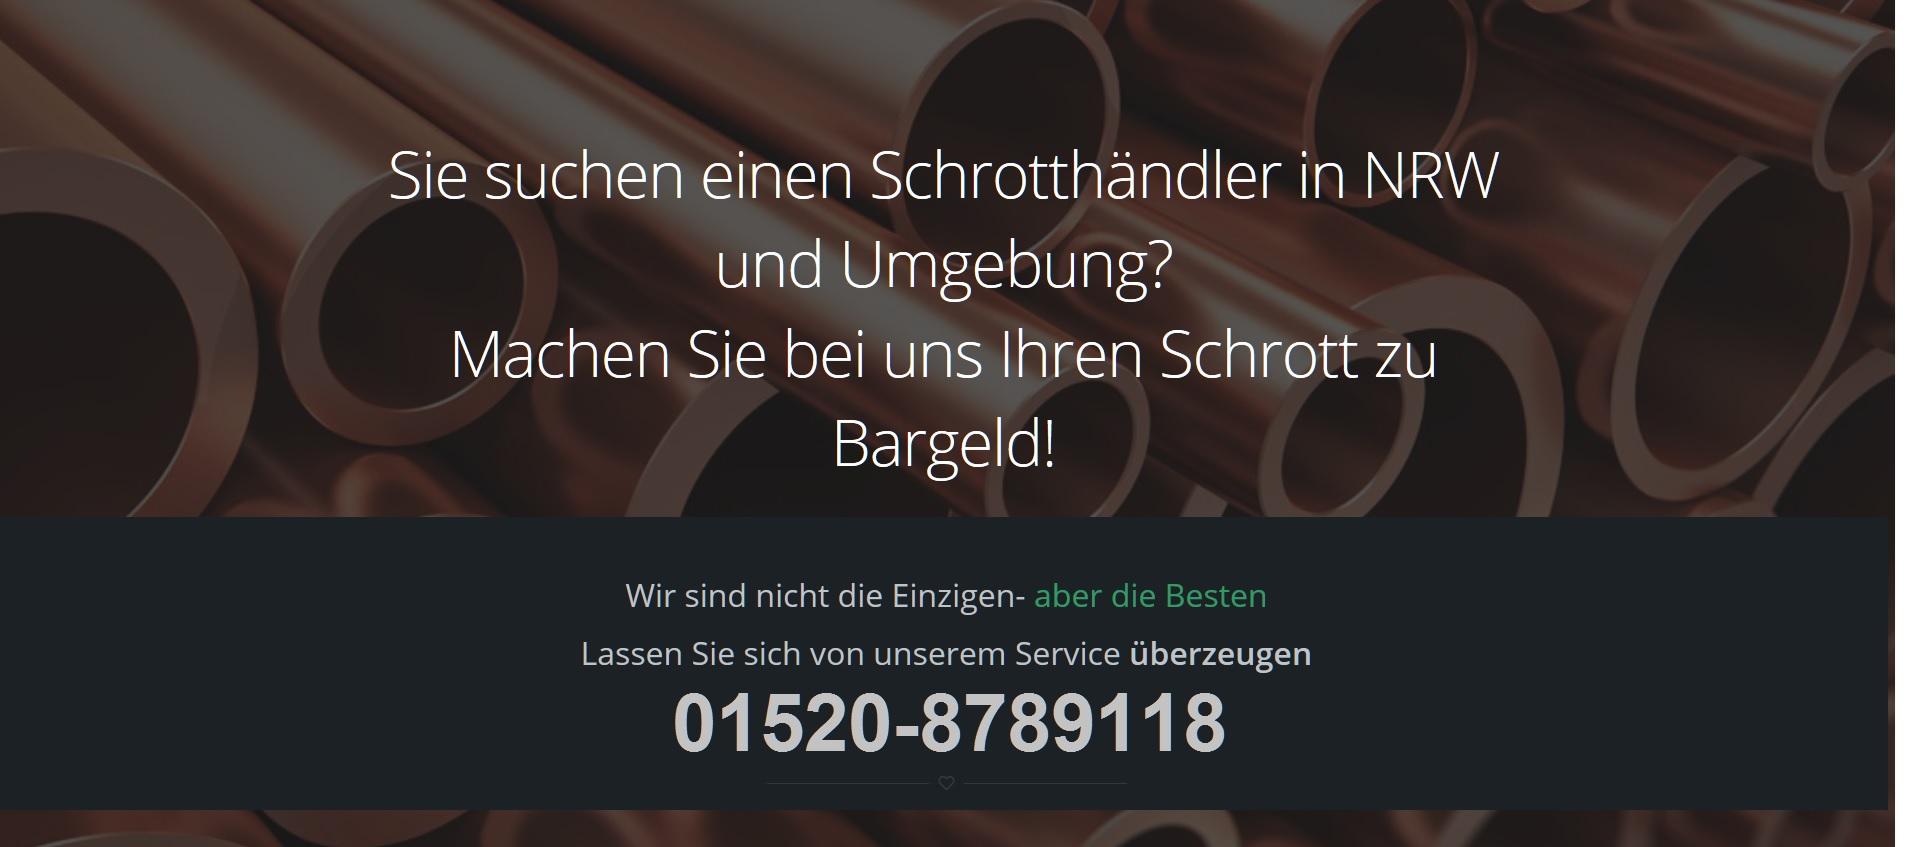 Kostenlose Schrottabholung in Krefeld für private und gewerbliche Kunden